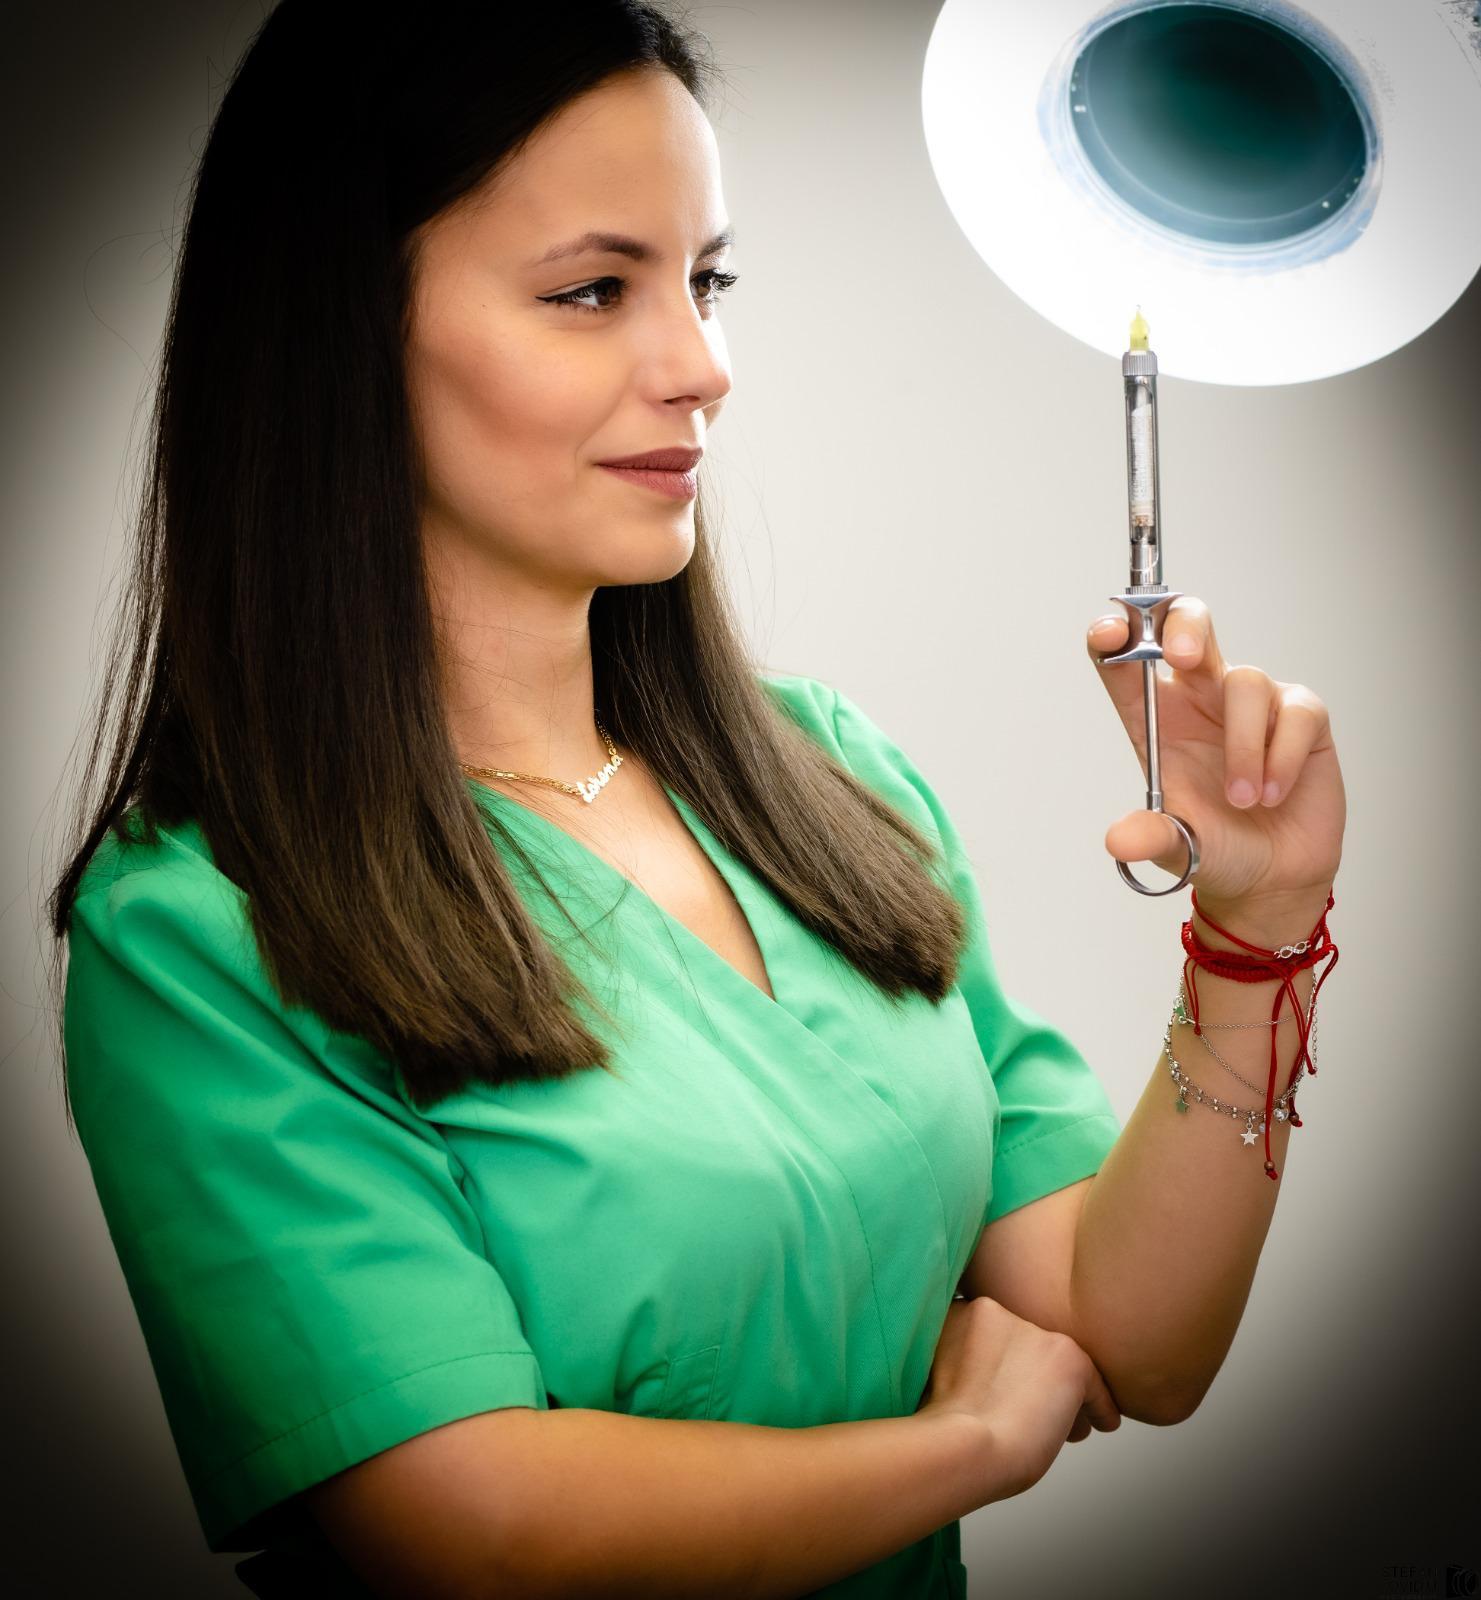 Cum tratăm frica de dentist? Dr. Lorena Silaghi explică pacienților cele mai importante lucruri pe care trebuie să le știe atunci când vin la stomatolog